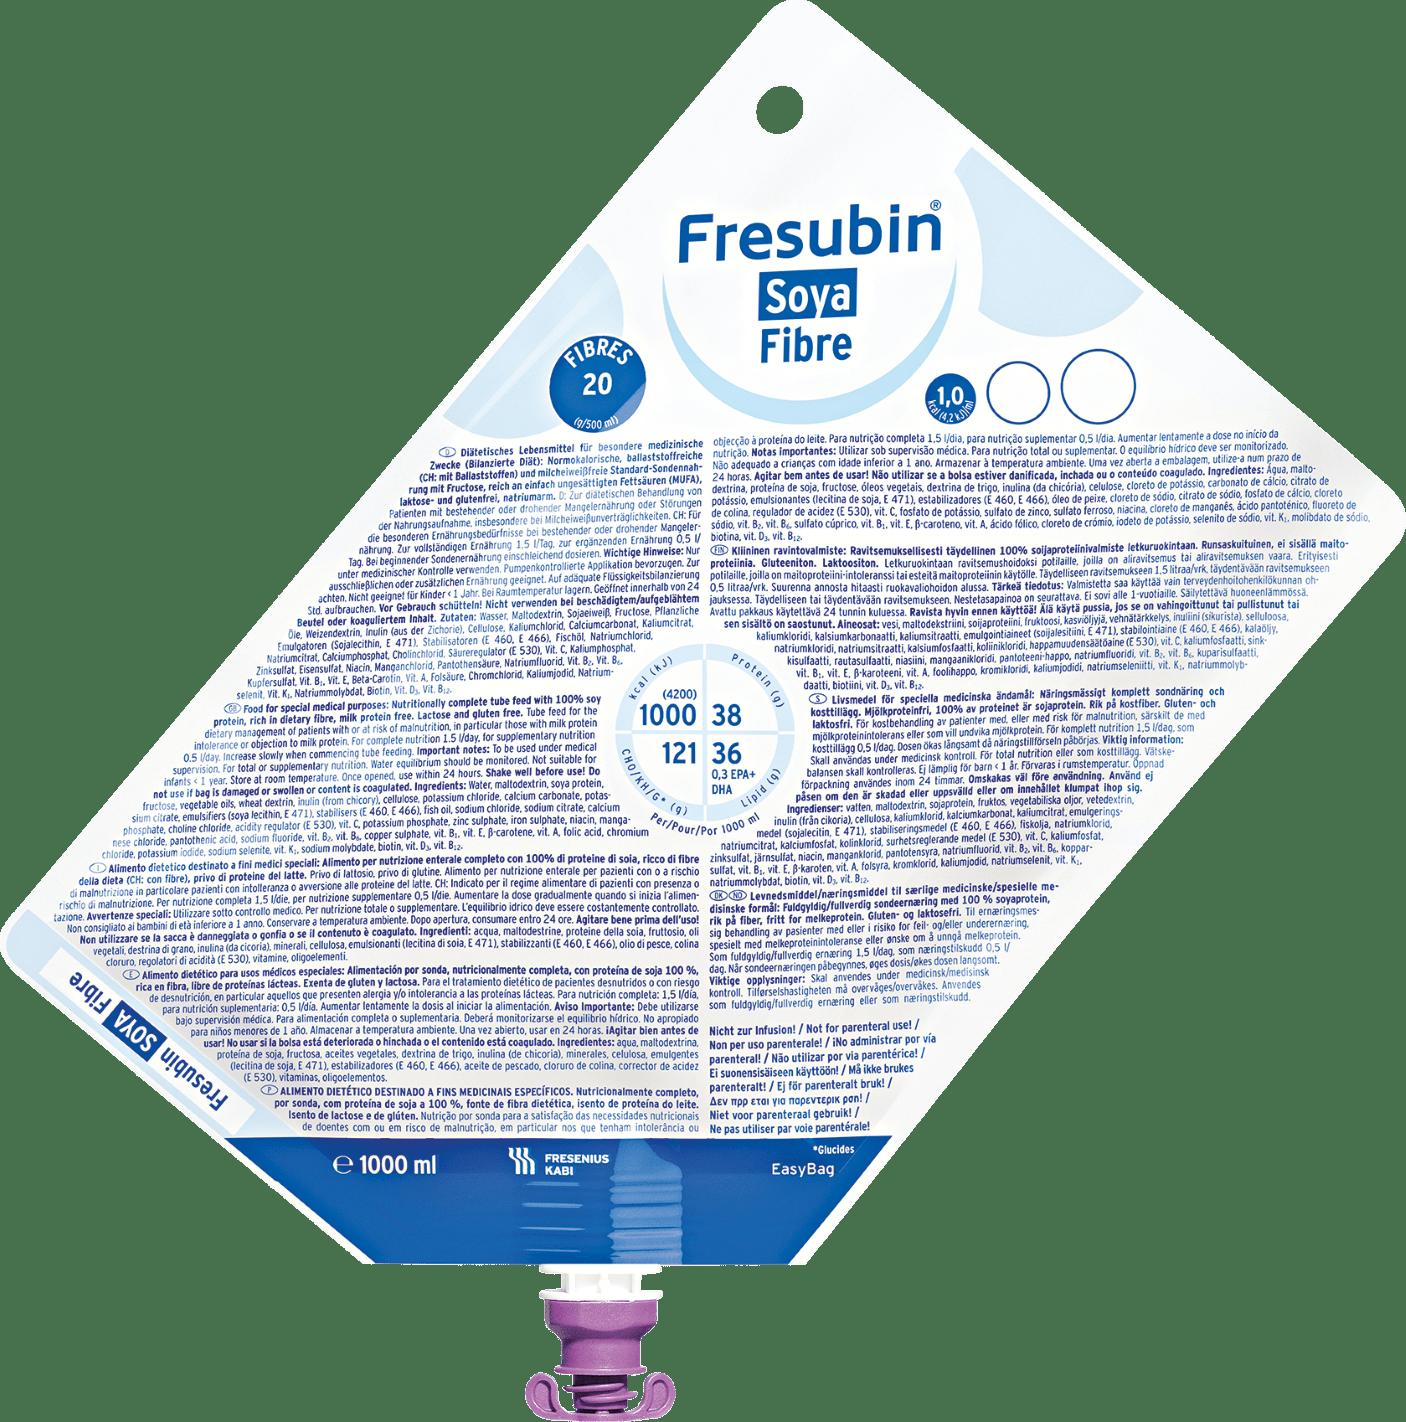 Fresubin_SOYA_Fibre_Int_1000ml-red